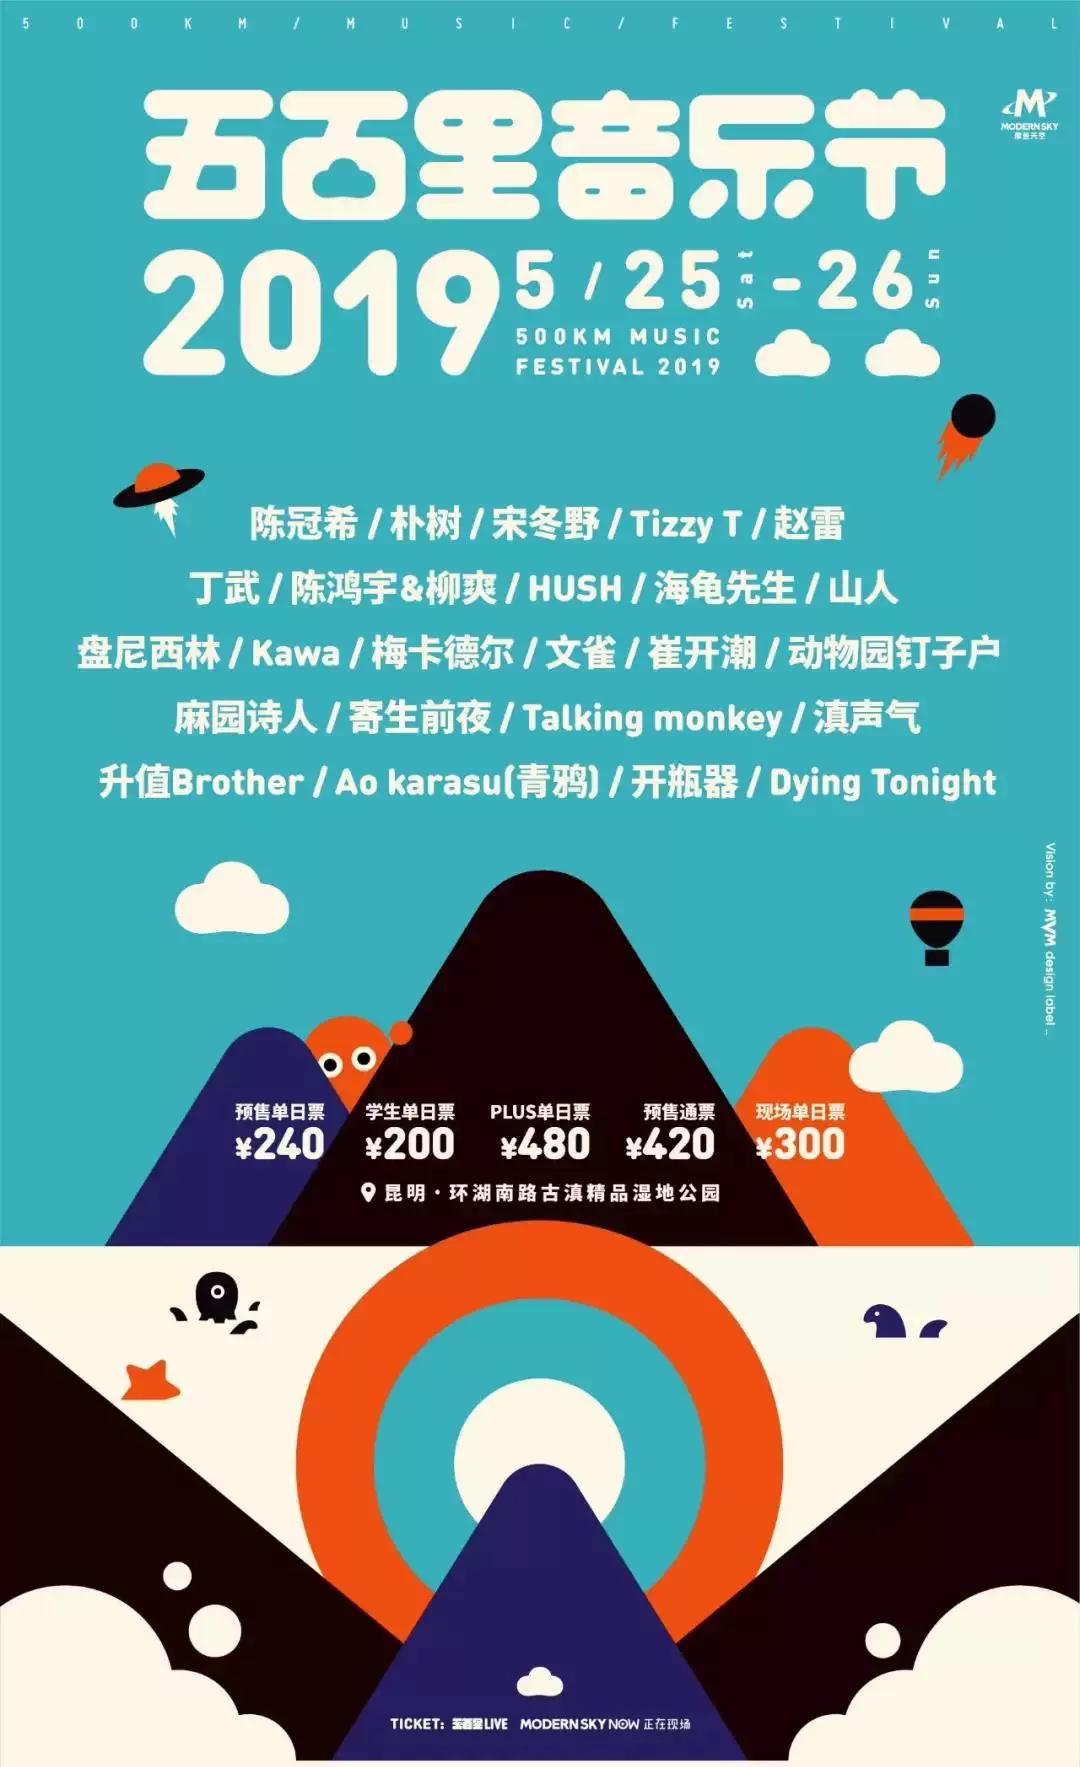 2019昆明五百里音乐节攻略(交通方式+演出时间表+票价信息)